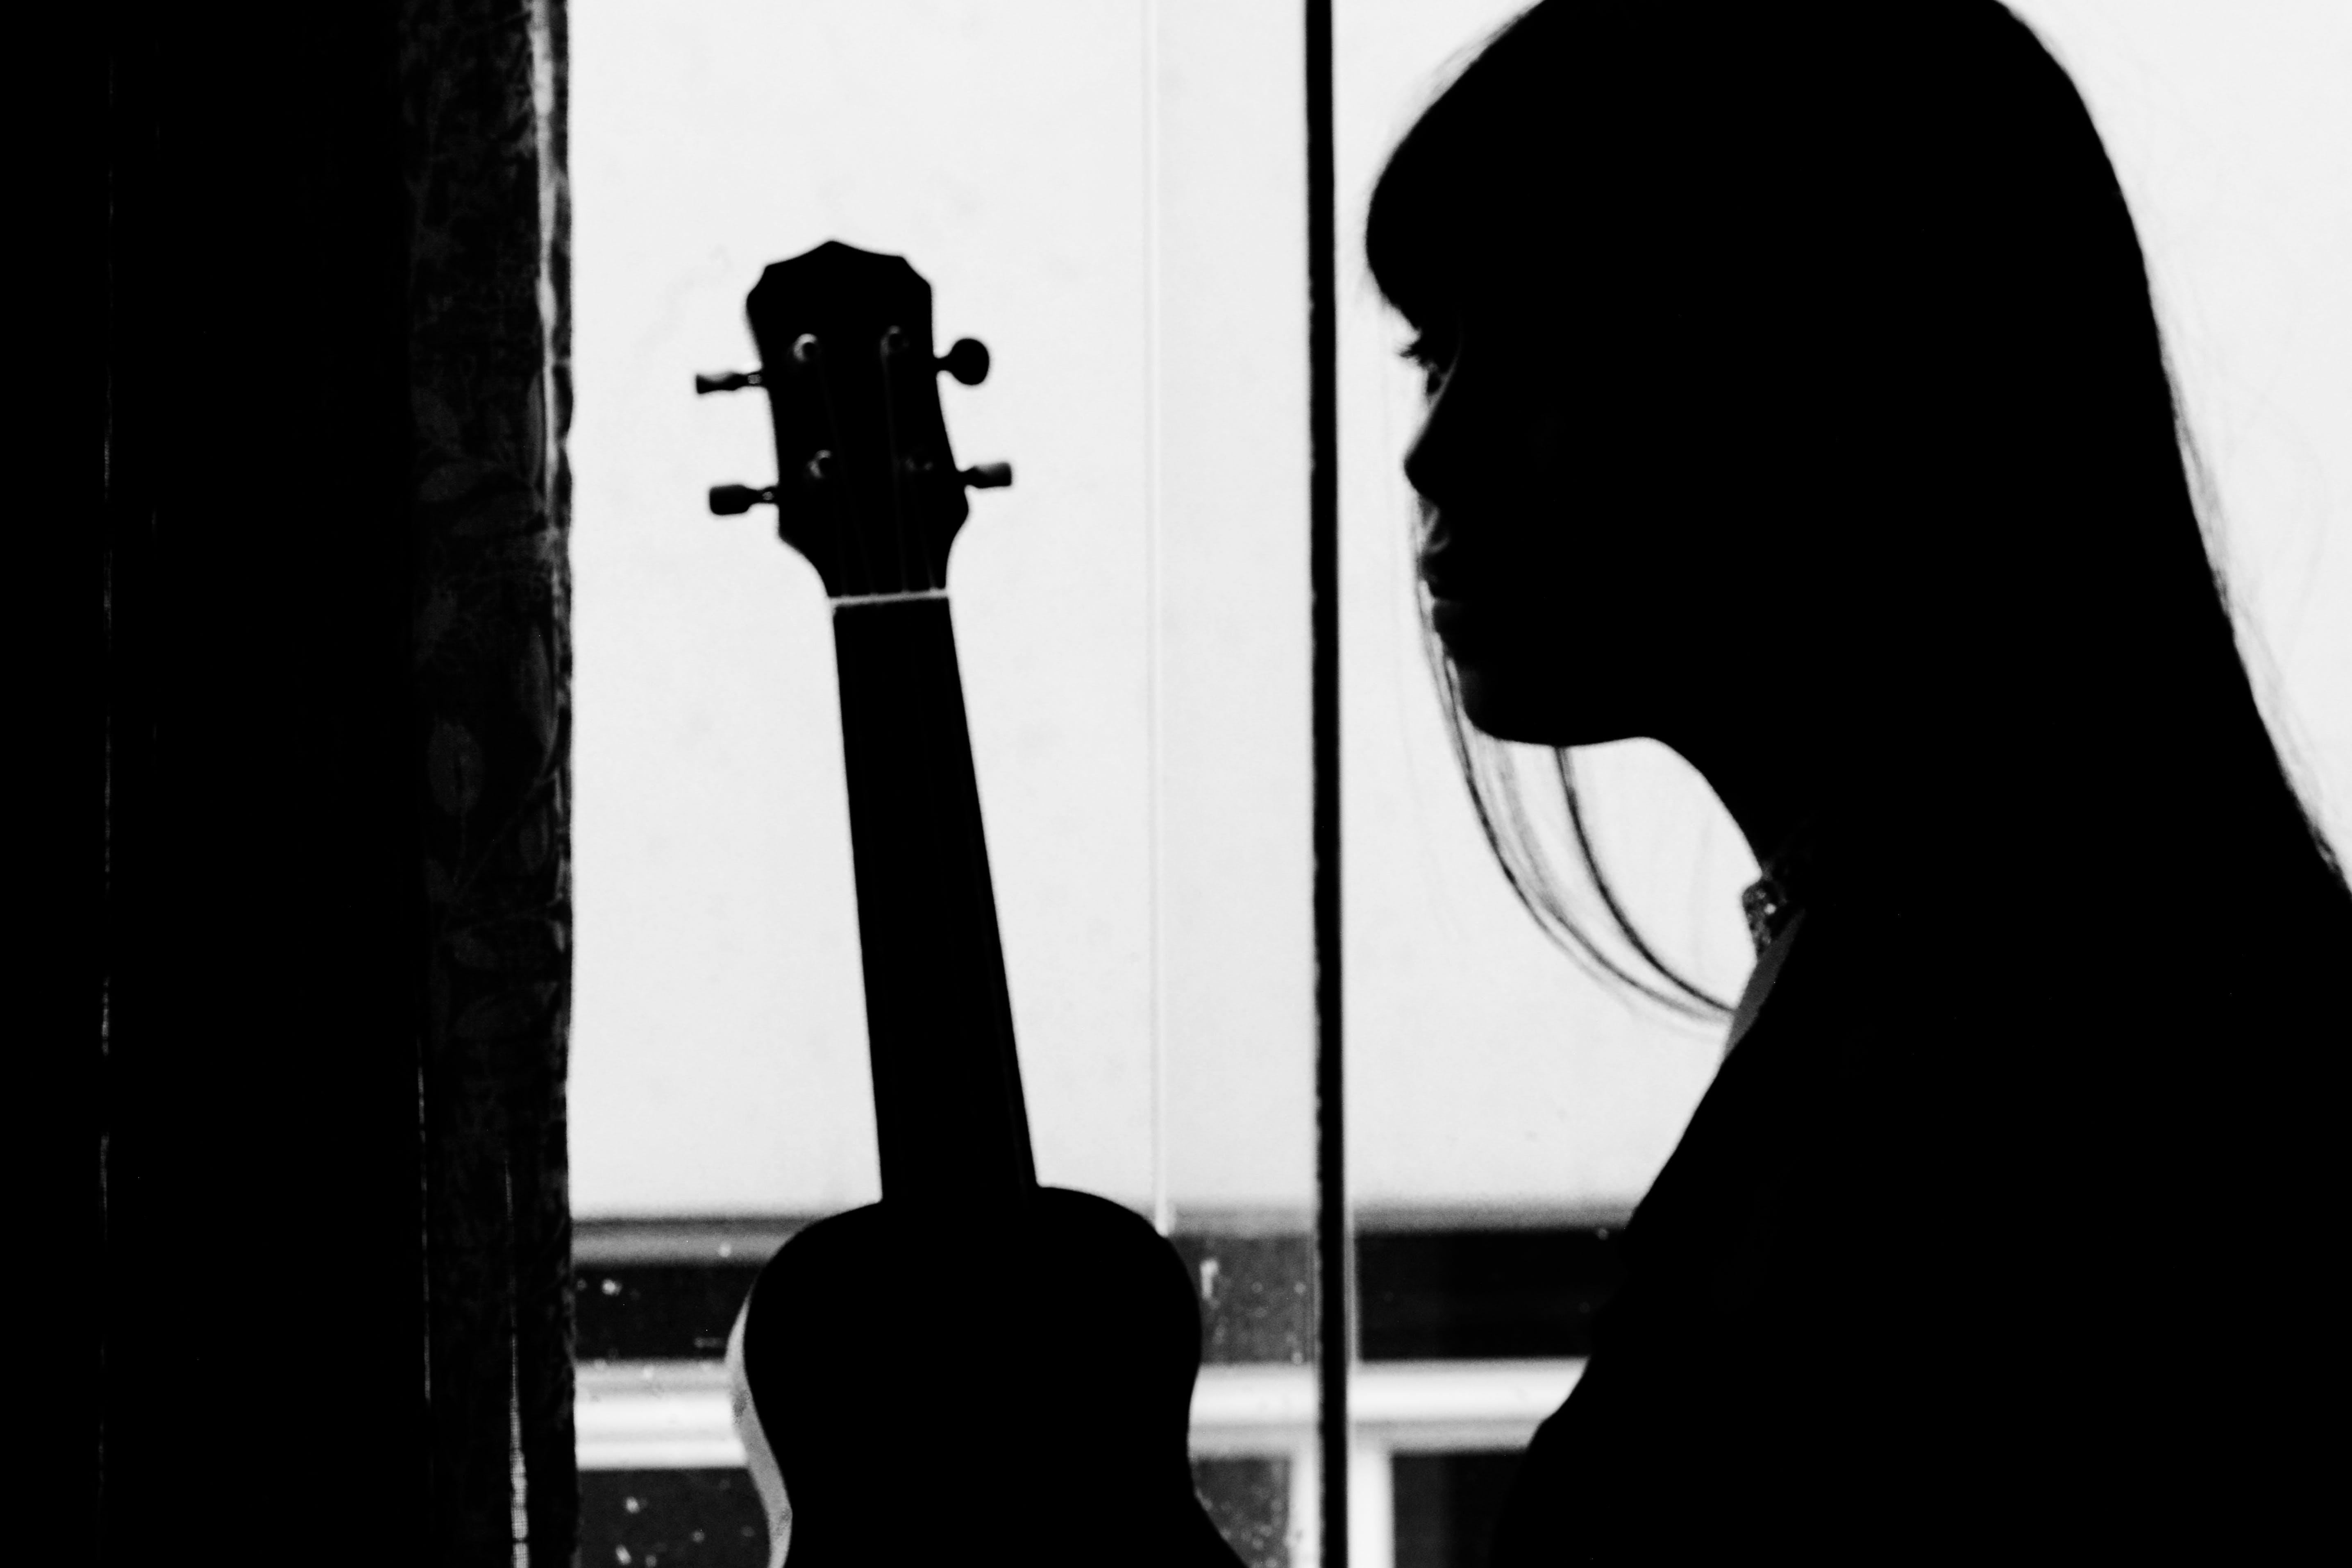 Δωρεάν στοκ φωτογραφιών με ukukeke, γυναίκα, κιθάρα, μουσική